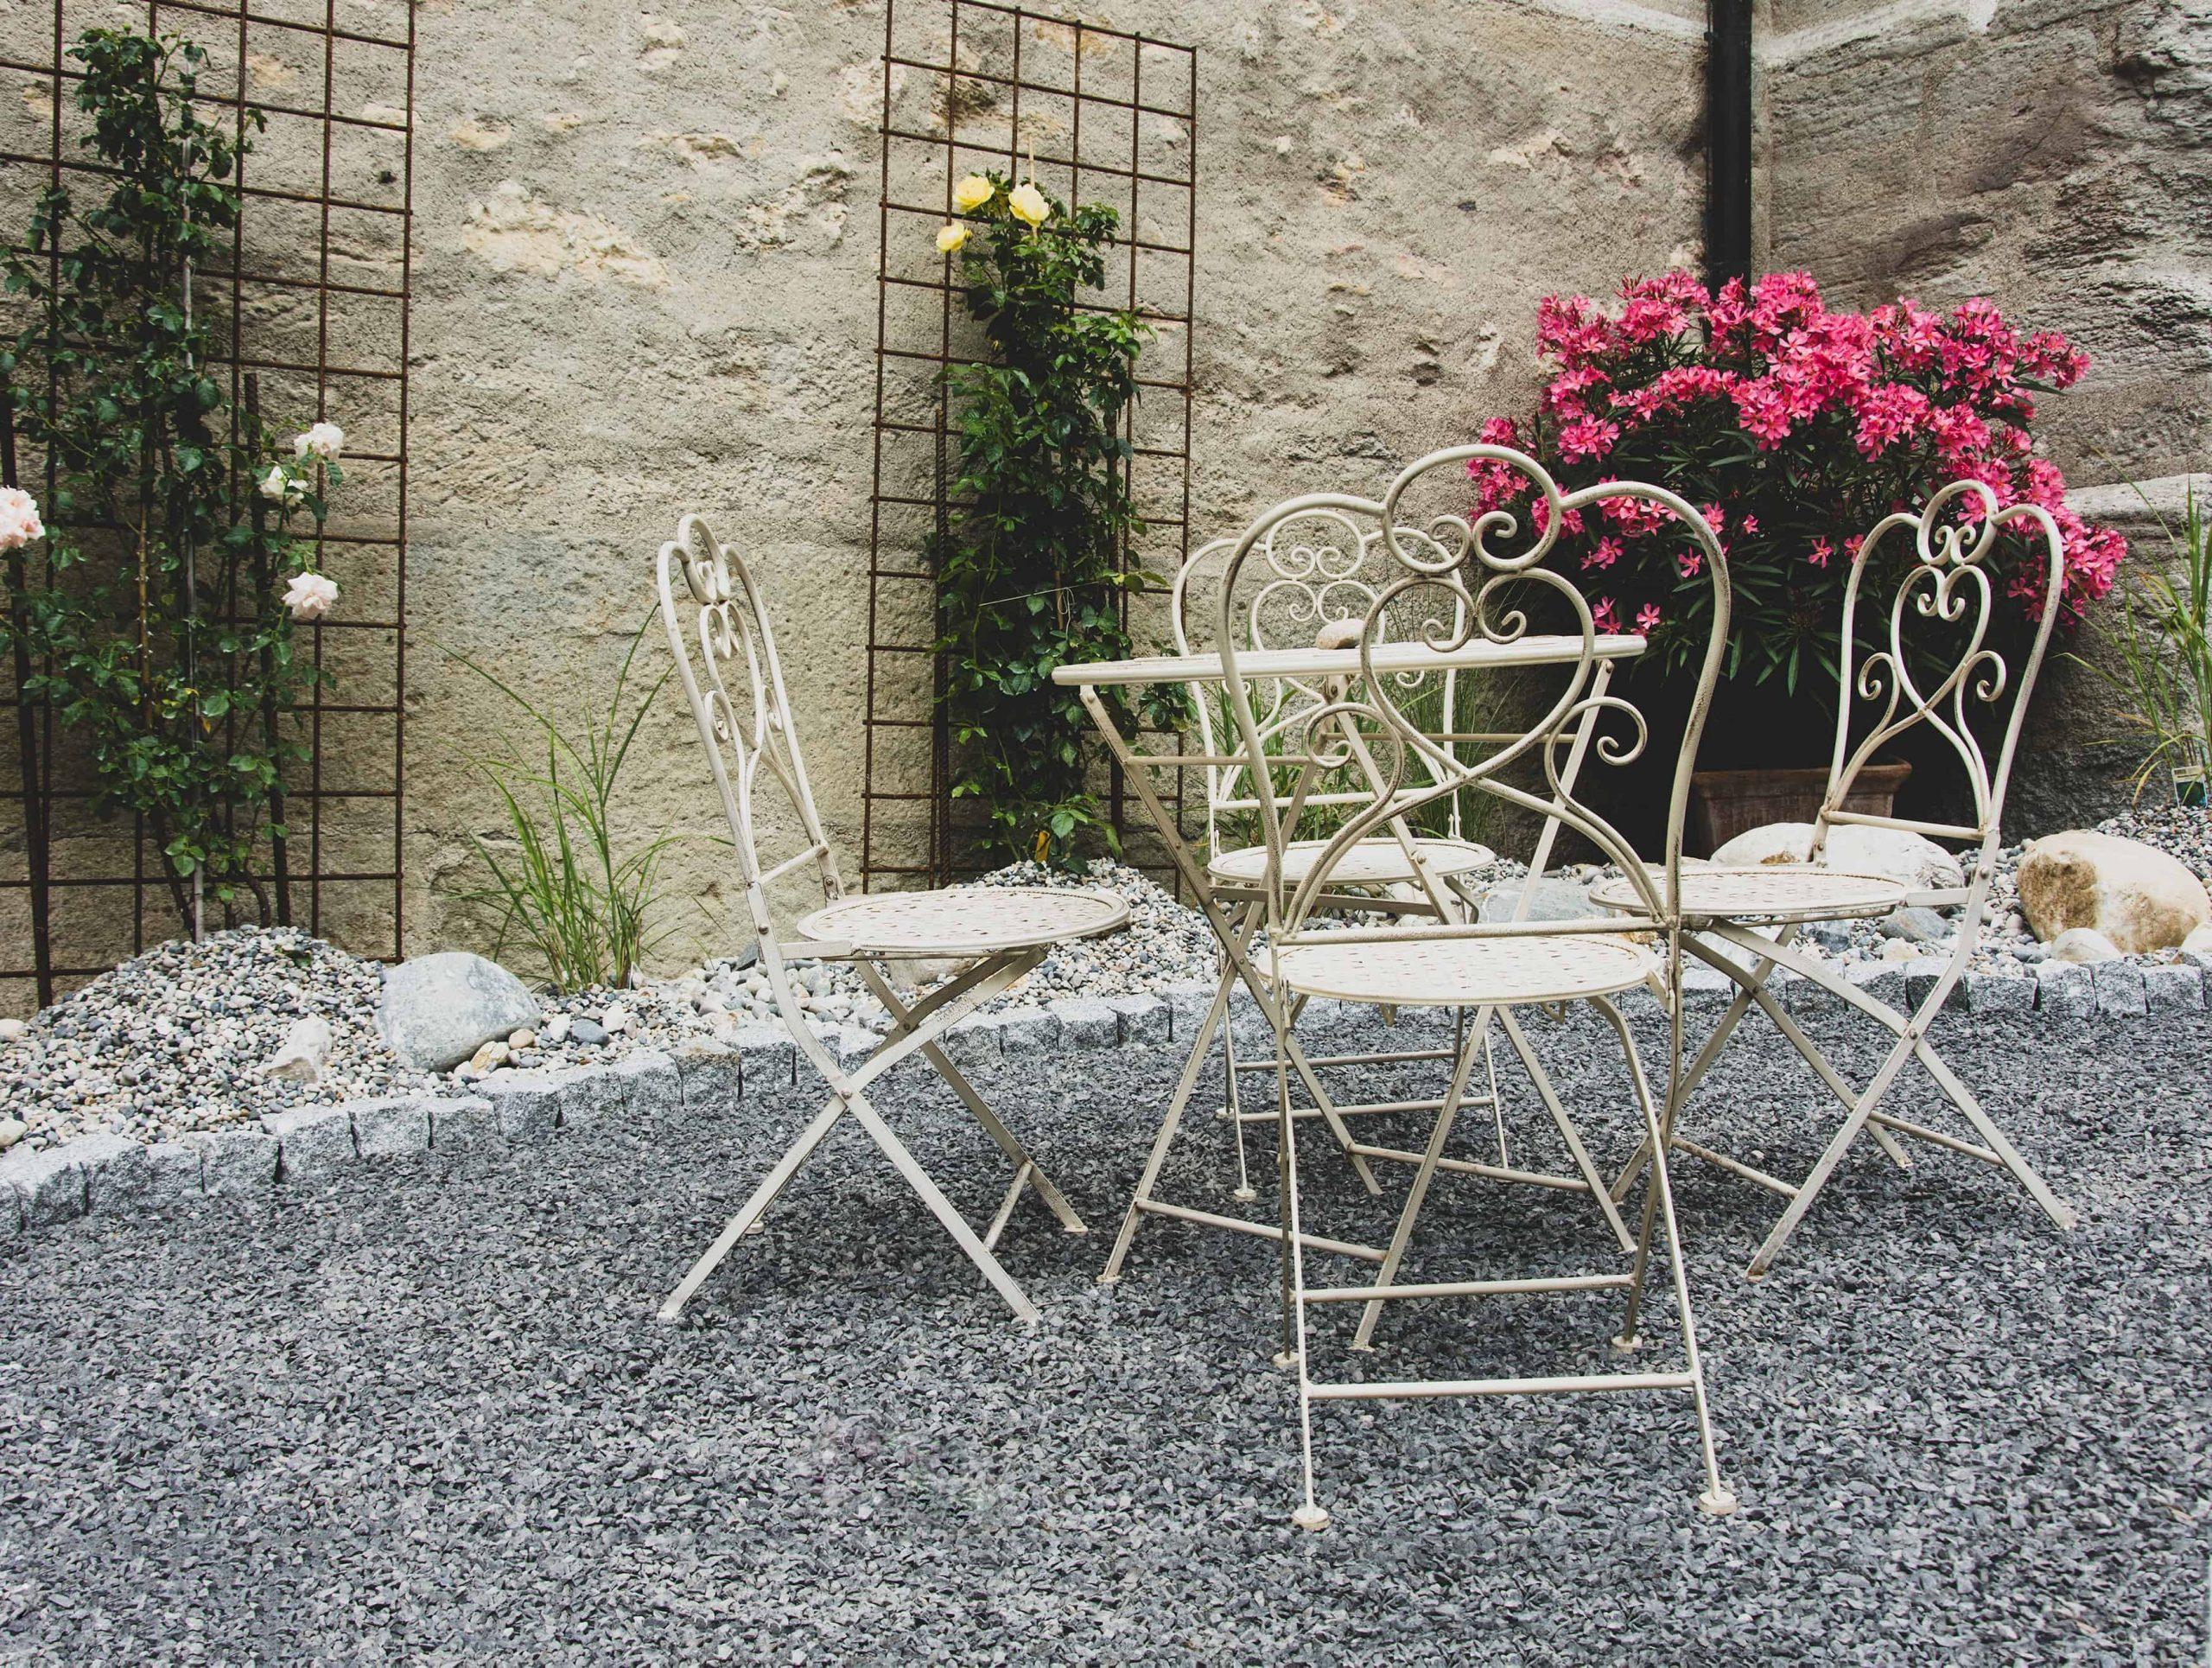 Polsterauflage für Gartenmöbel: Test & Empfehlungen (02/20)